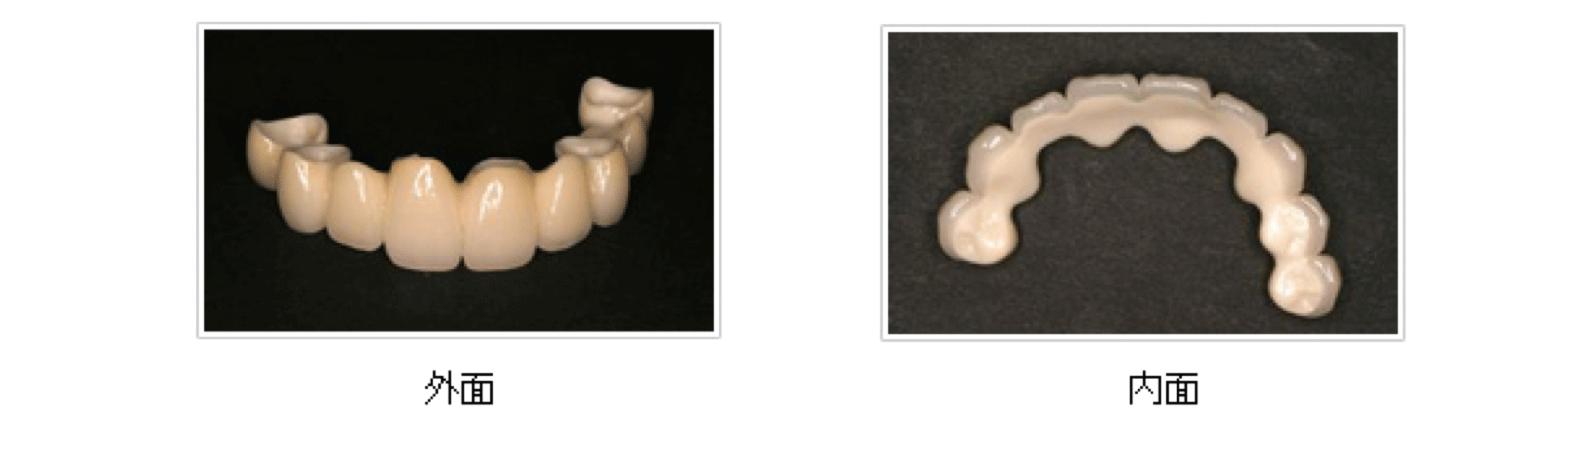 上顎前歯のロングブリッジ